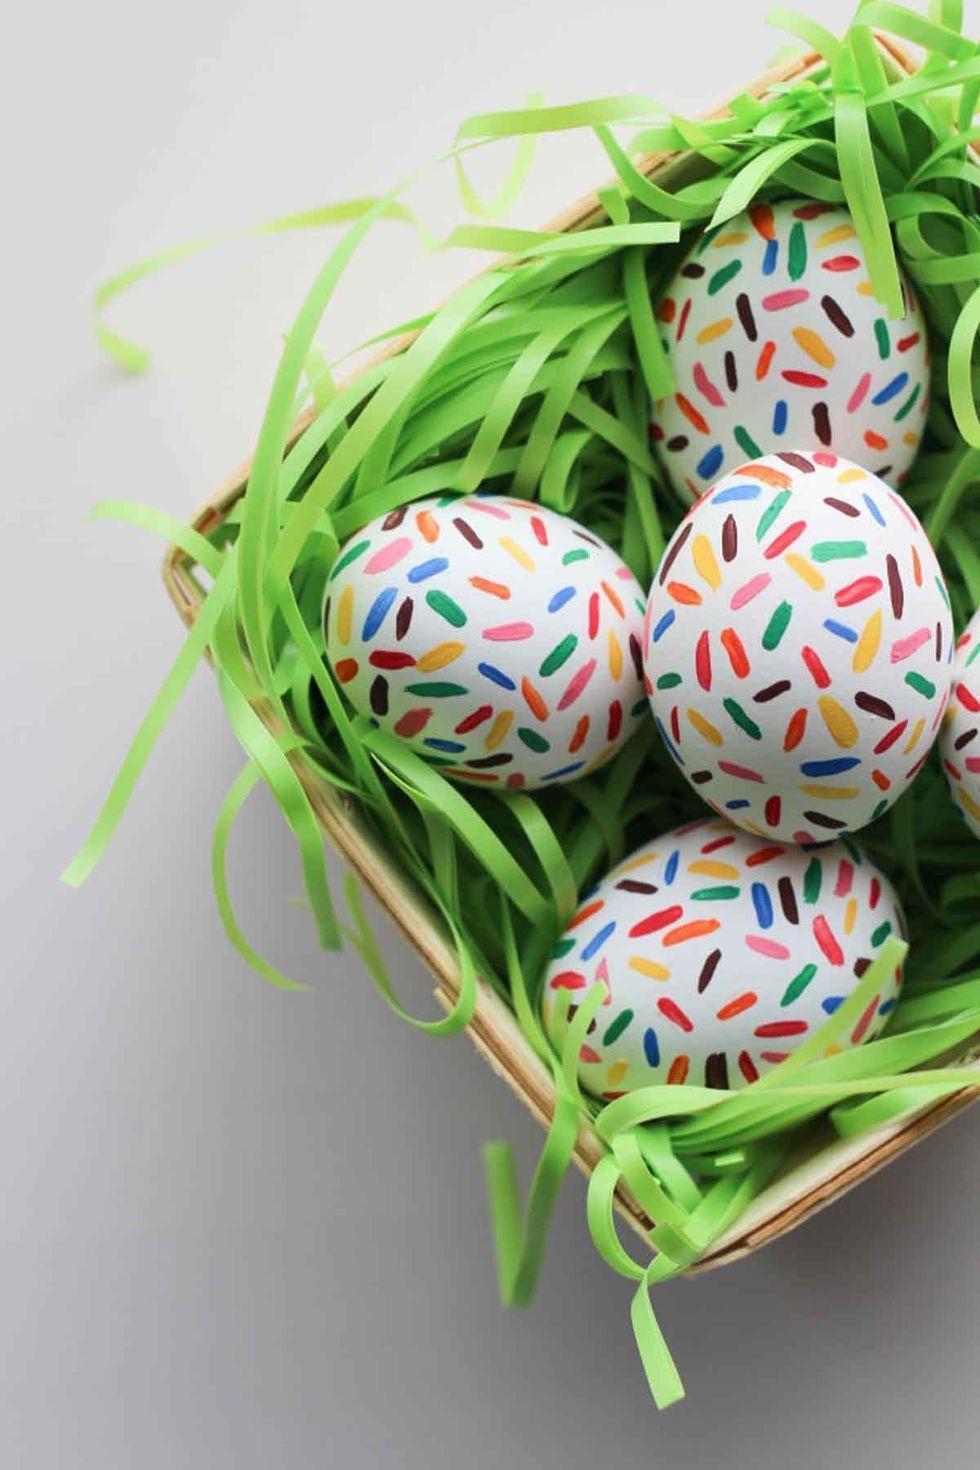 Kreasi Telur Paskah : kreasi, telur, paskah, Dekorasi, Telur, Paskah, Abis,, Ditiru